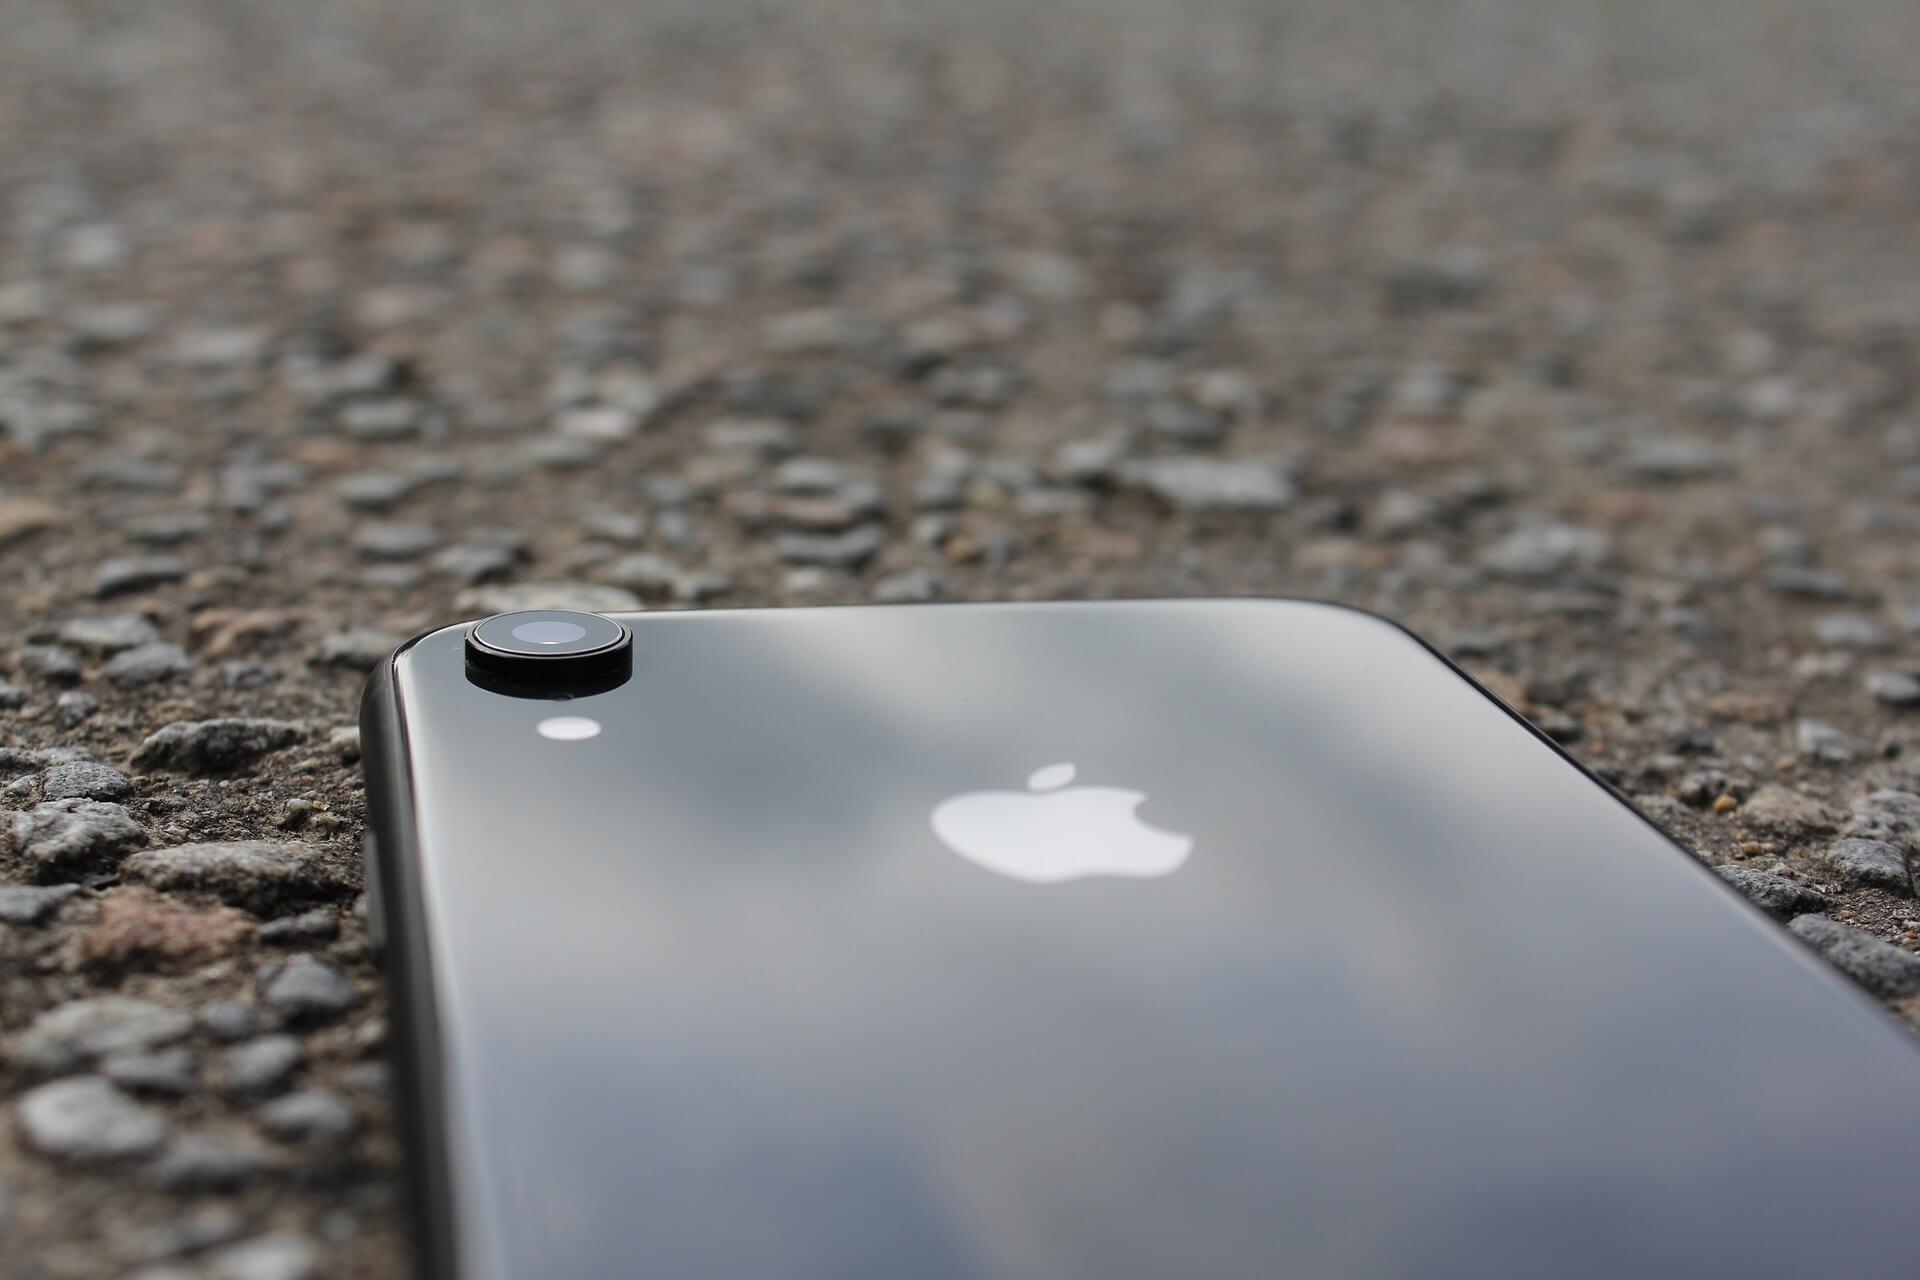 ¿Es buena la cámara del iPhone XR? Descubre sus características